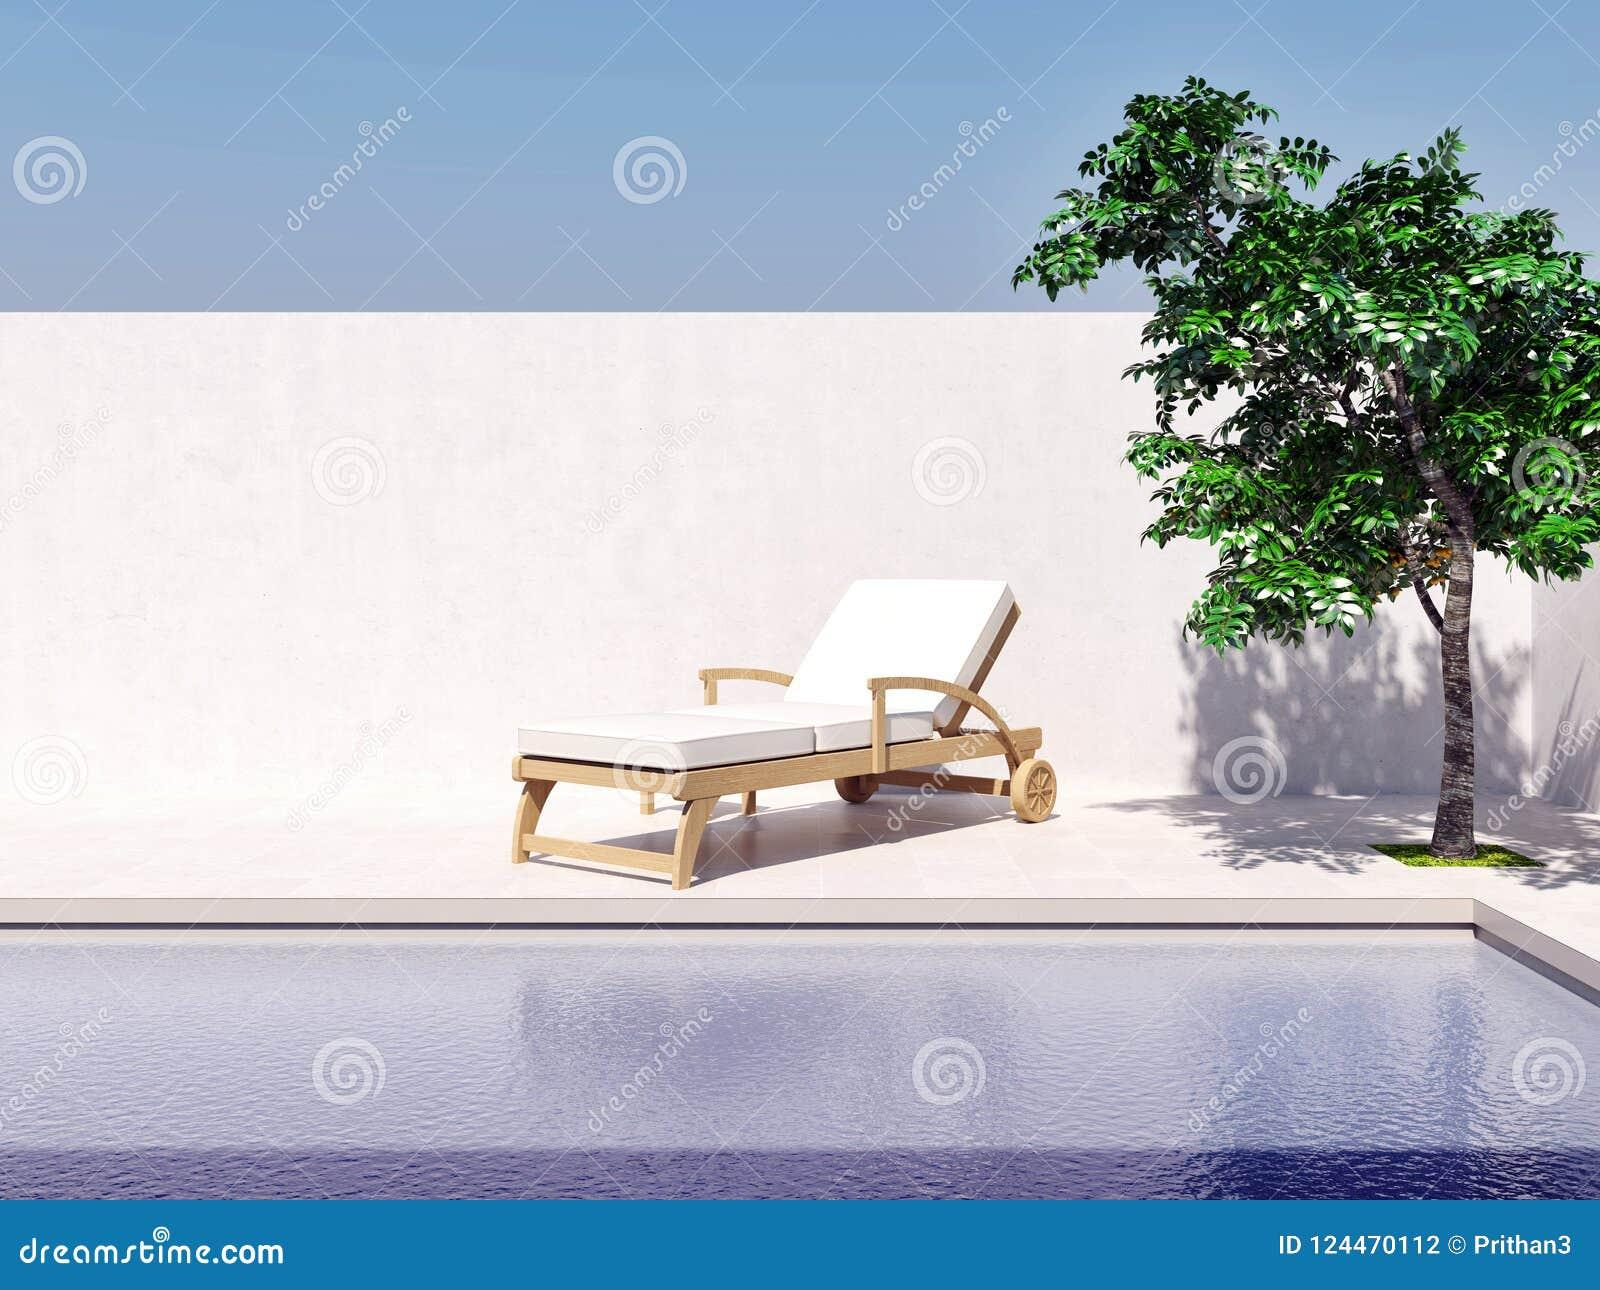 Πισίνα με την παραγμένη υπολογιστής εικόνα δέντρων ήλιων μπλε ουρανού τρισδιάστατη